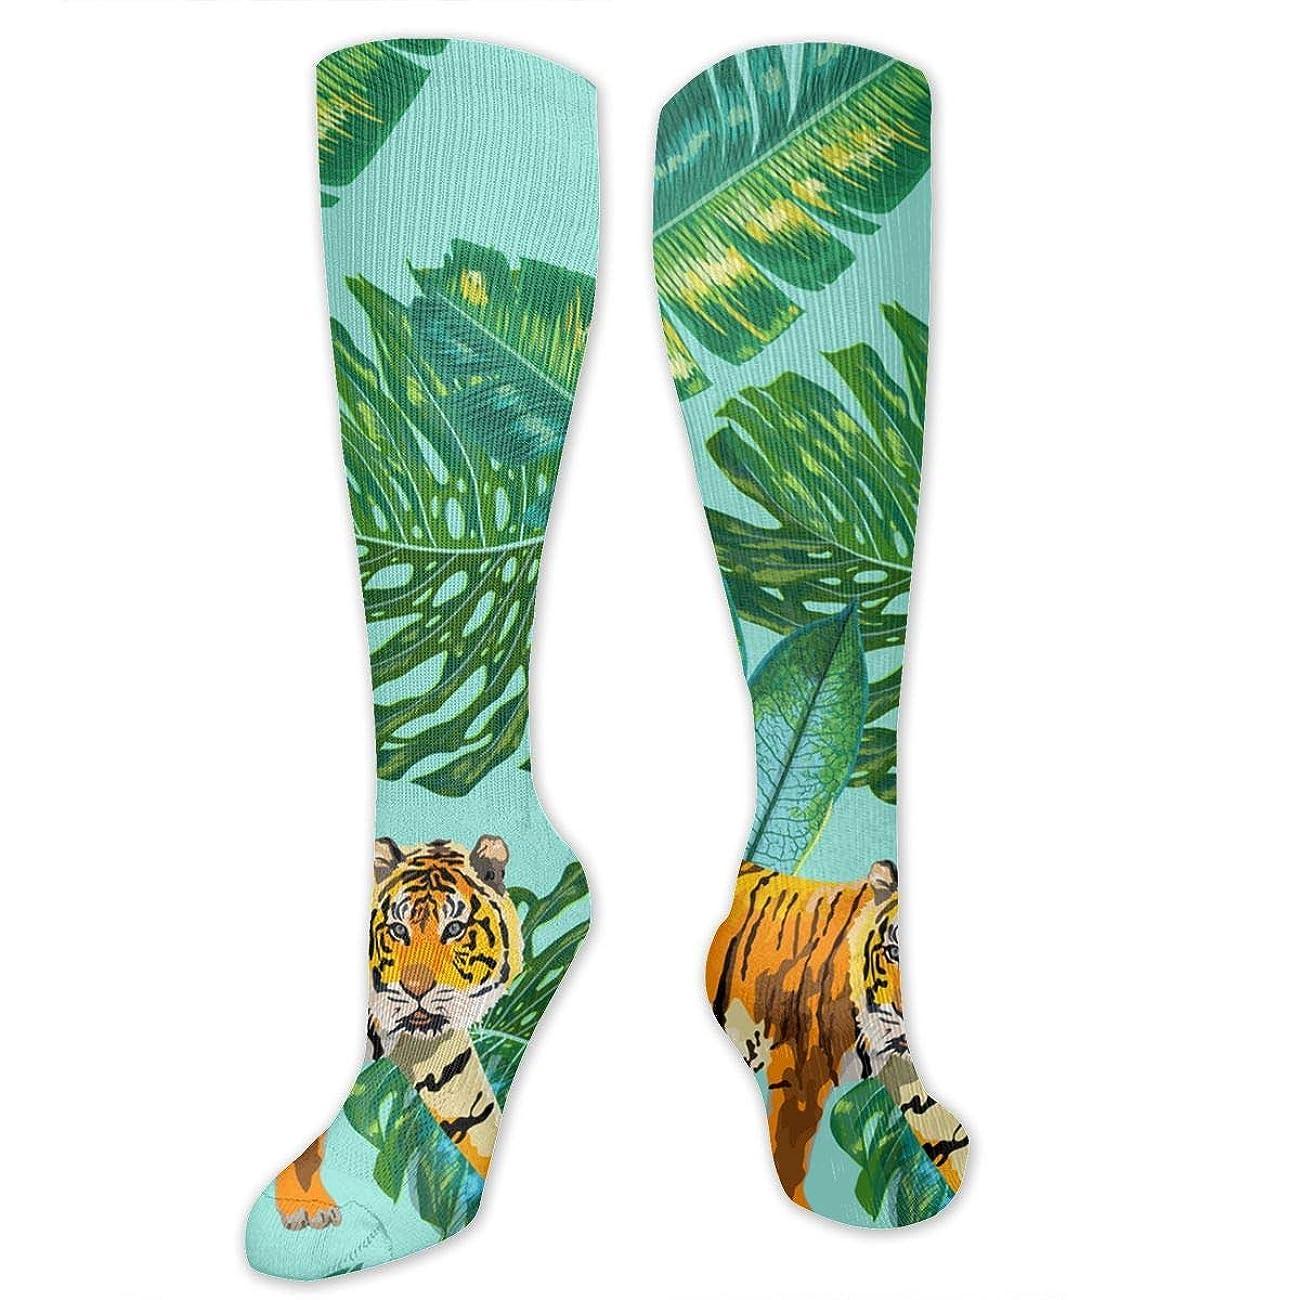 朝食を食べる辞任アスペクト靴下,ストッキング,野生のジョーカー,実際,秋の本質,冬必須,サマーウェア&RBXAA Women's Winter Cotton Long Tube Socks Knee High Graduated Compression Socks Tigers in Palm Leaves Socks